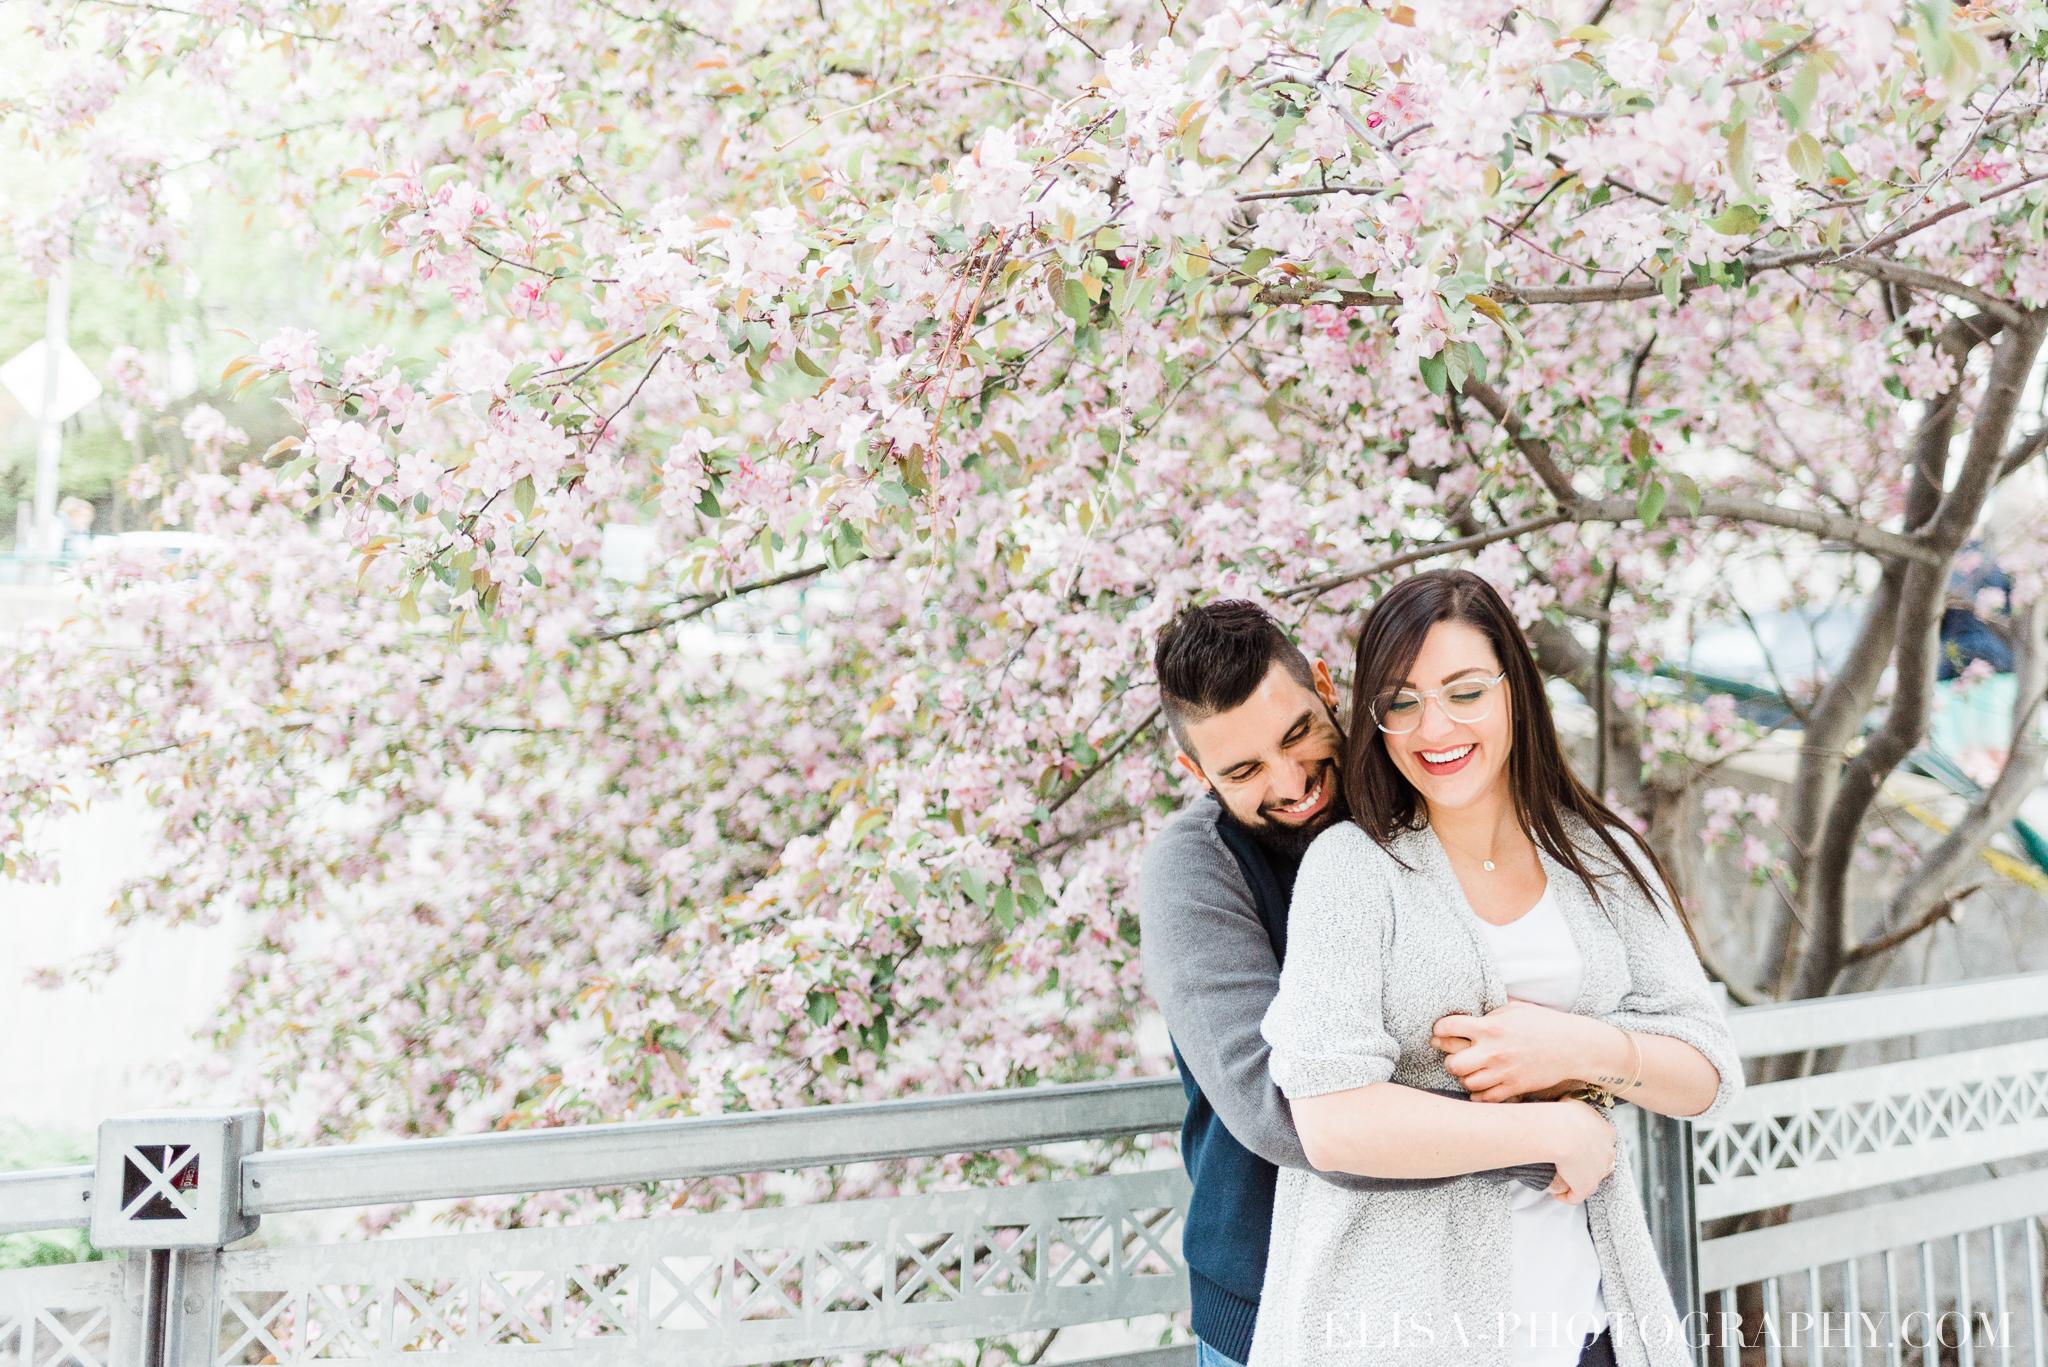 photo COUPLE petit champlain quebec 9021 - Photos de couple dans le Petit Champlain à Québec